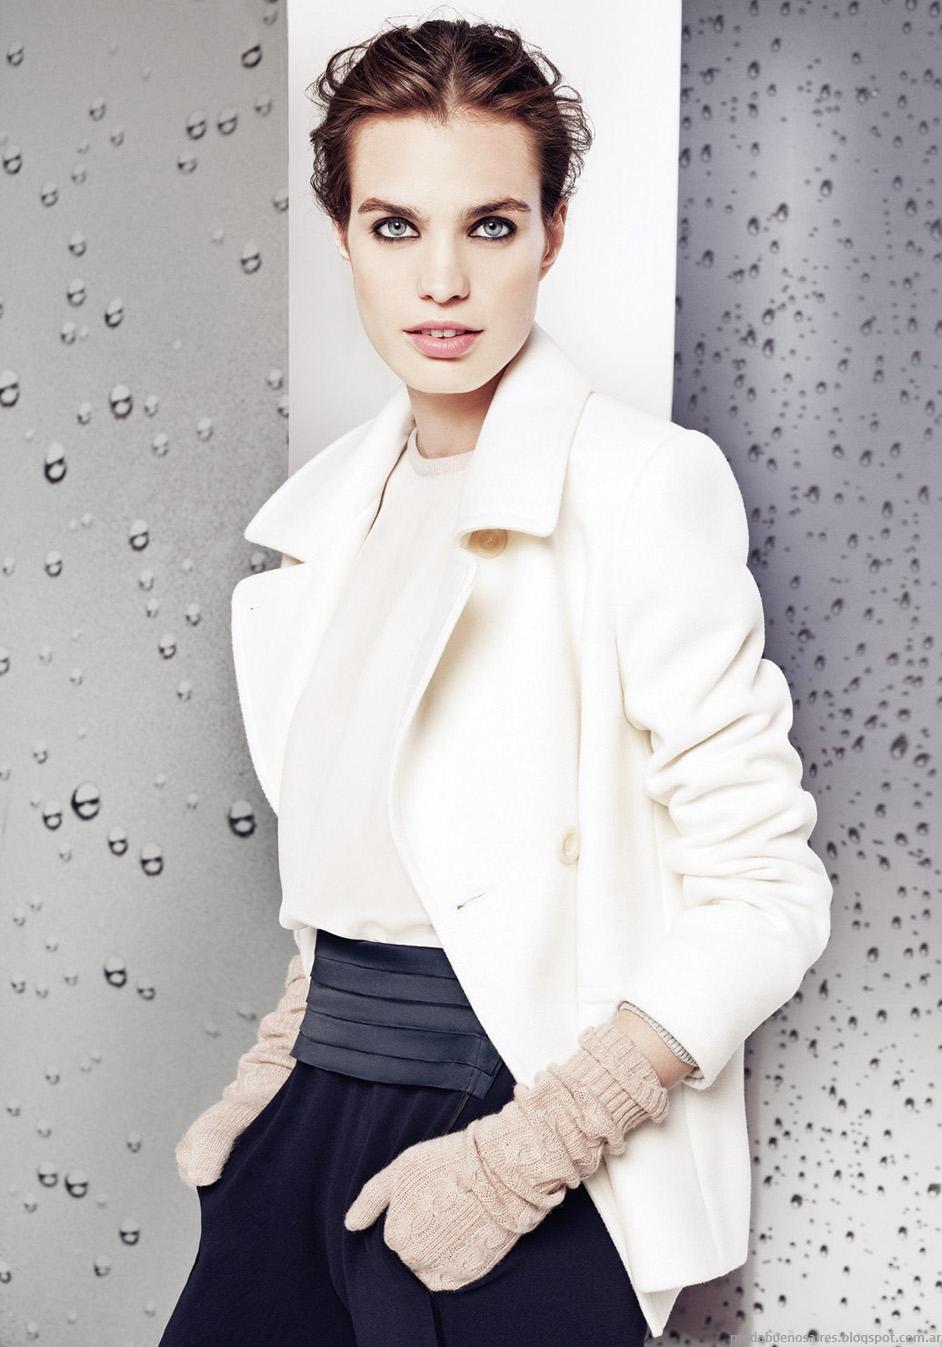 Moda invierno 2014 Graciela Naum chaquetas cortas de mujer.